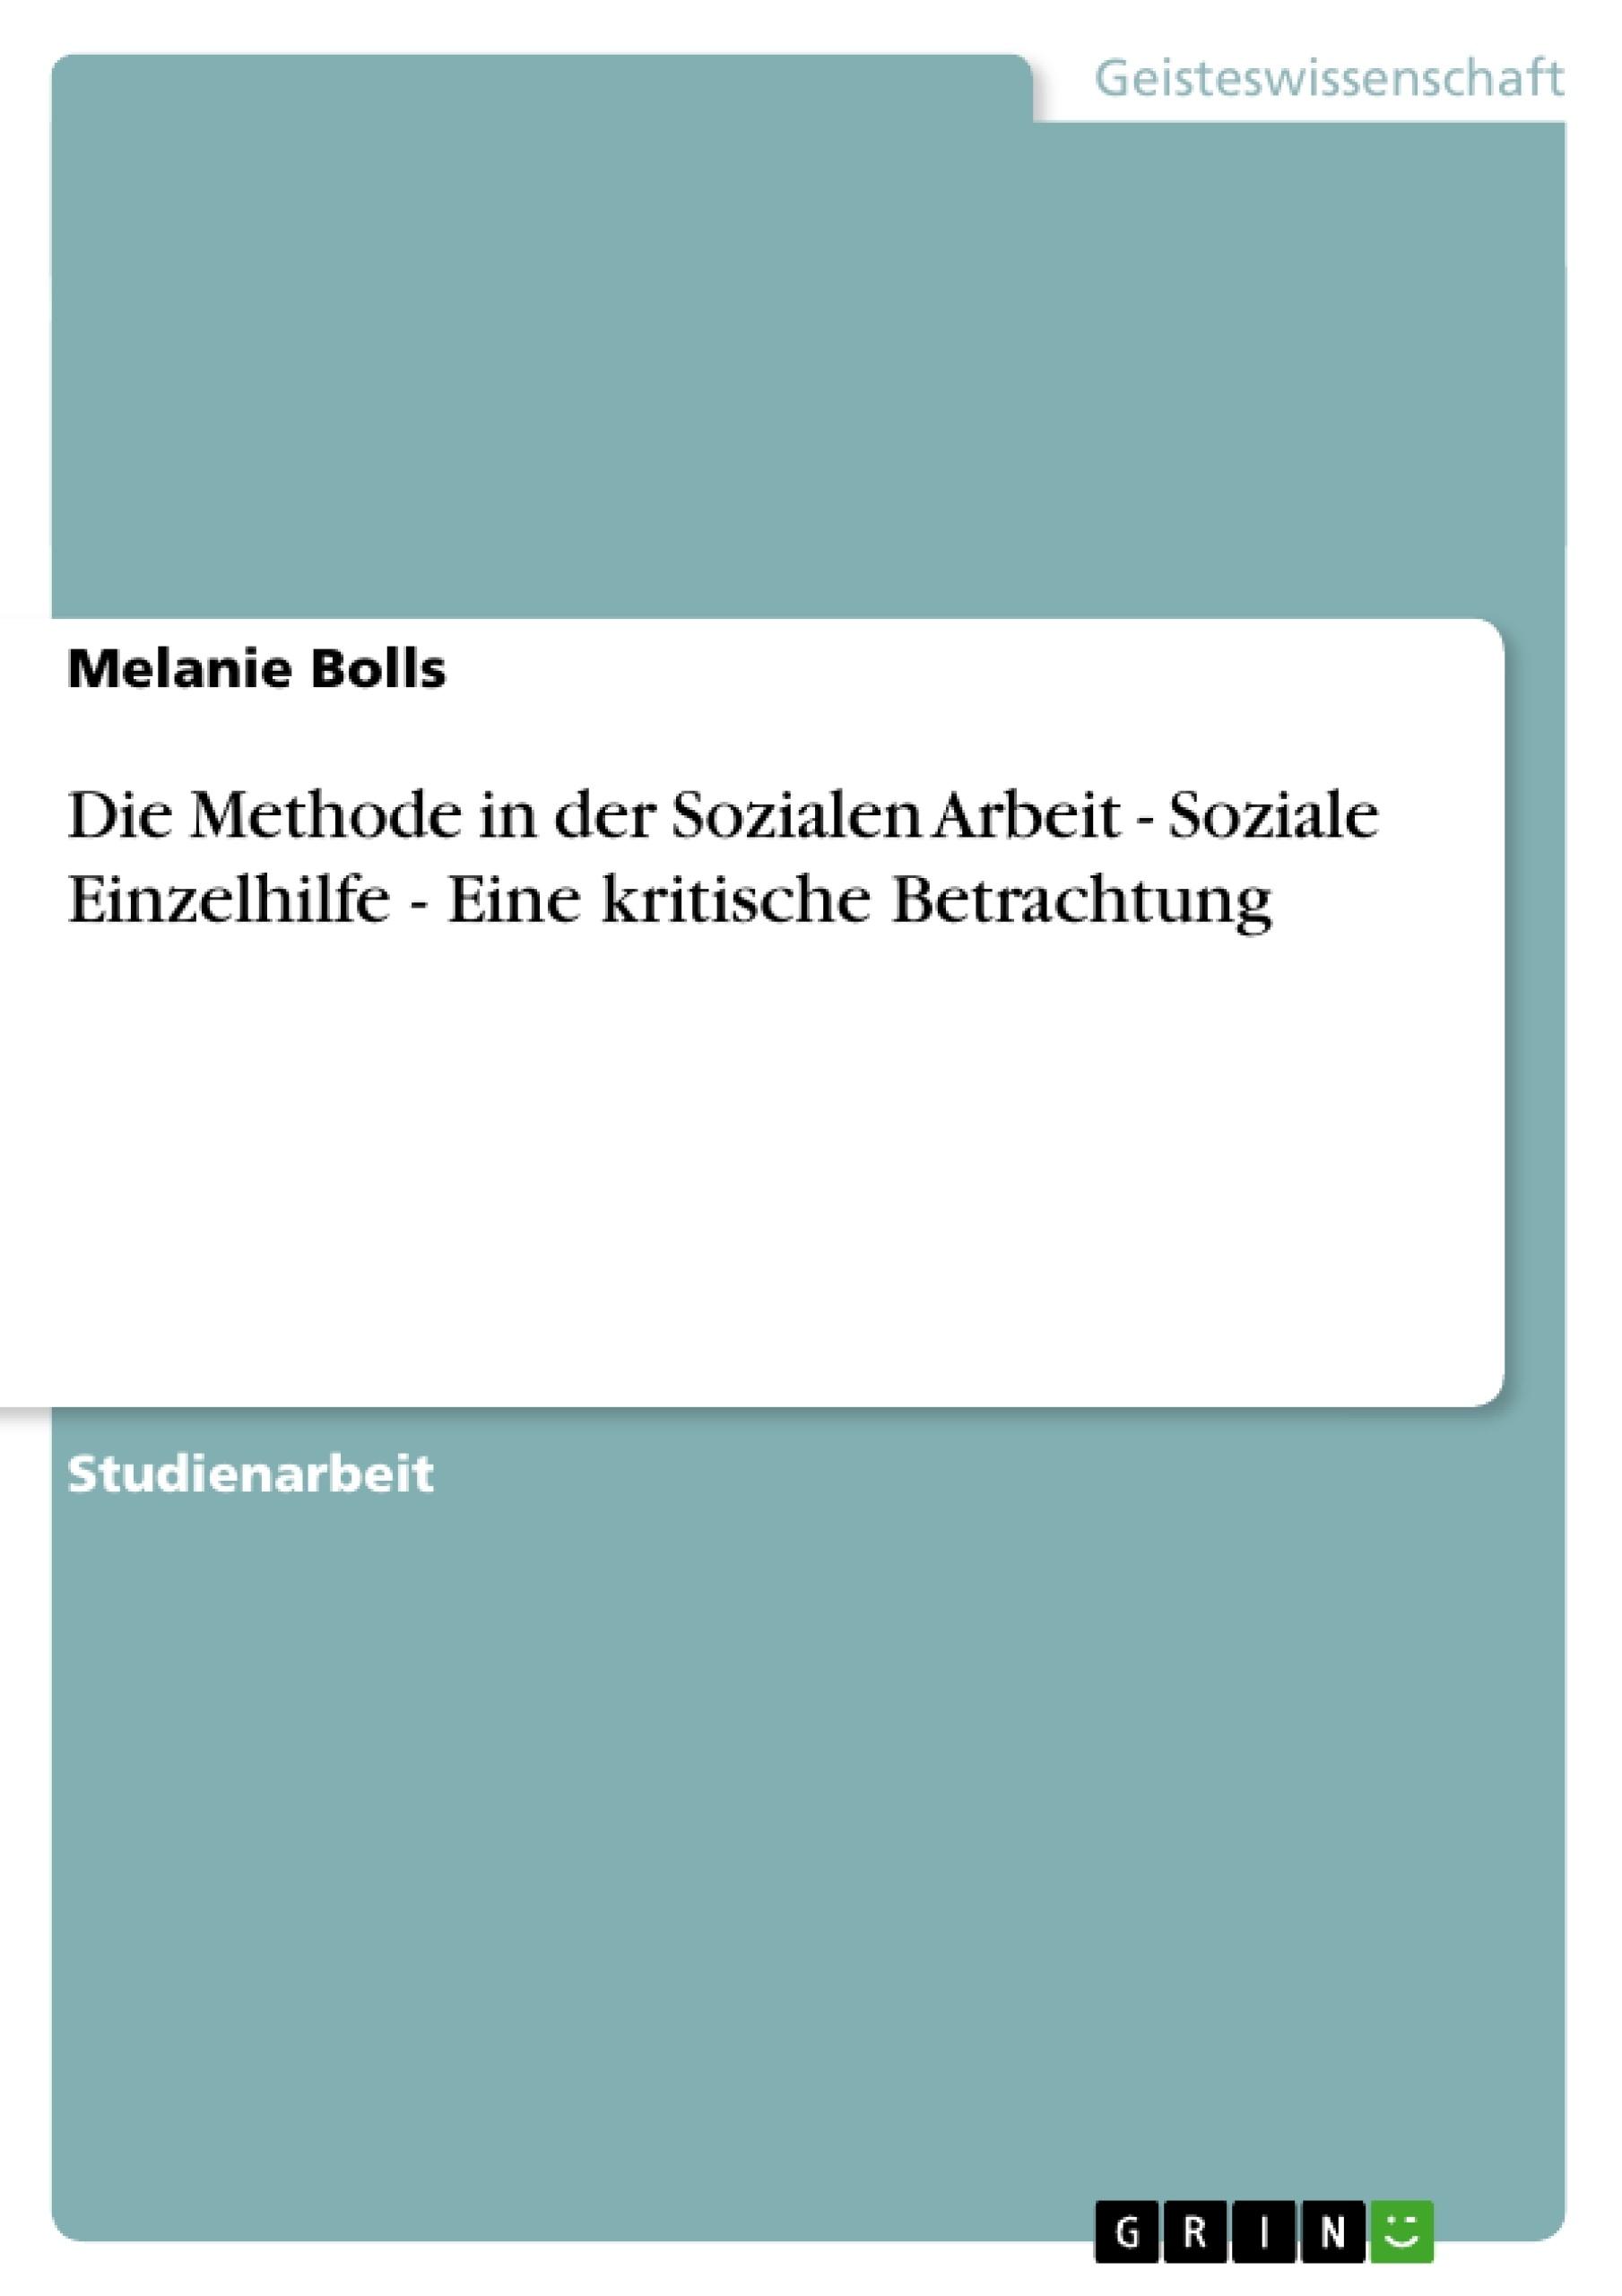 Titel: Die Methode in der Sozialen Arbeit - Soziale Einzelhilfe - Eine kritische Betrachtung